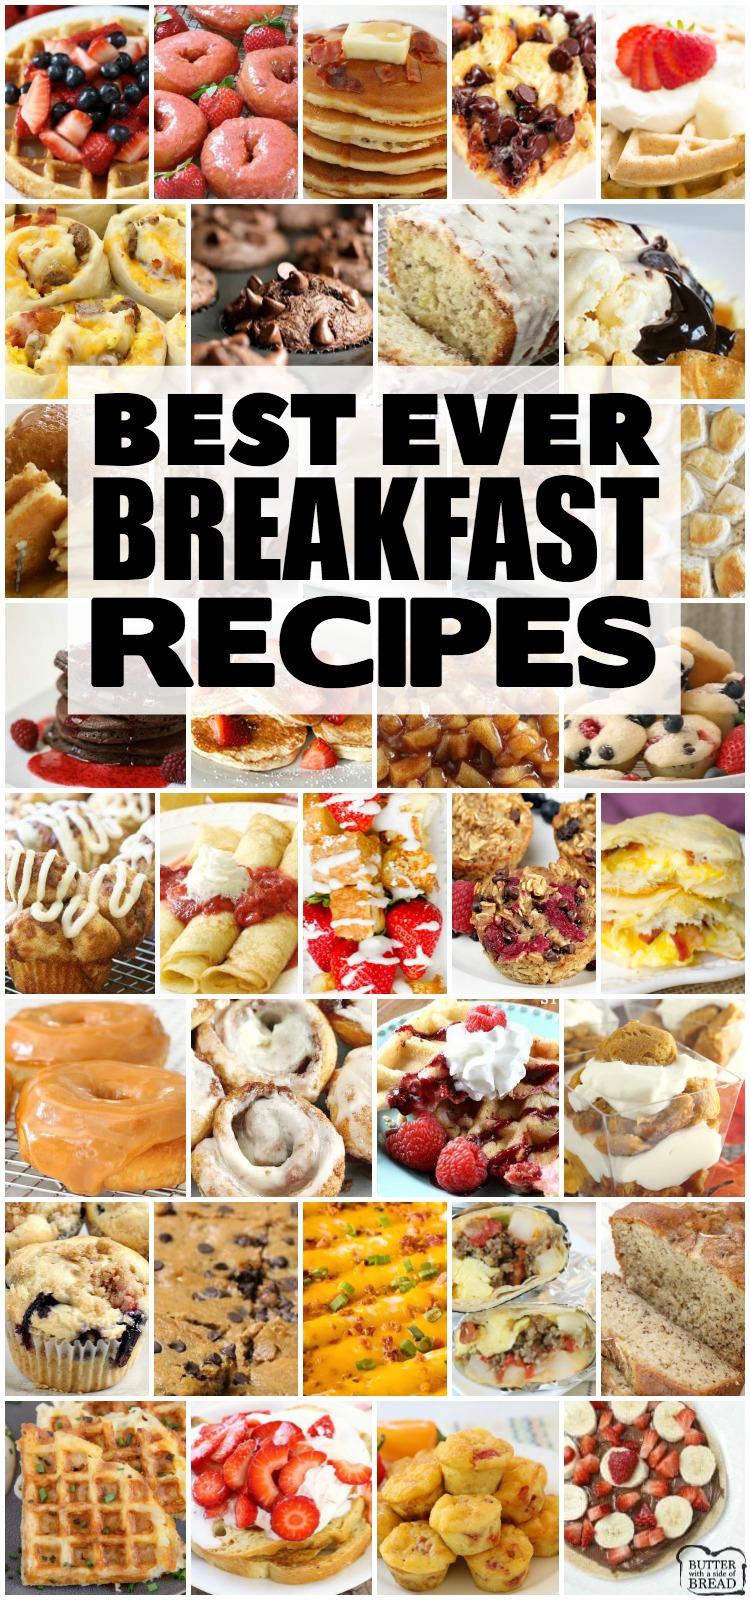 Best Breakfast ideas for anyone who loves breakfast food! Wide variety of breakfast ideas - sweet, savory, breakfast for a crowd or breakfast for two!